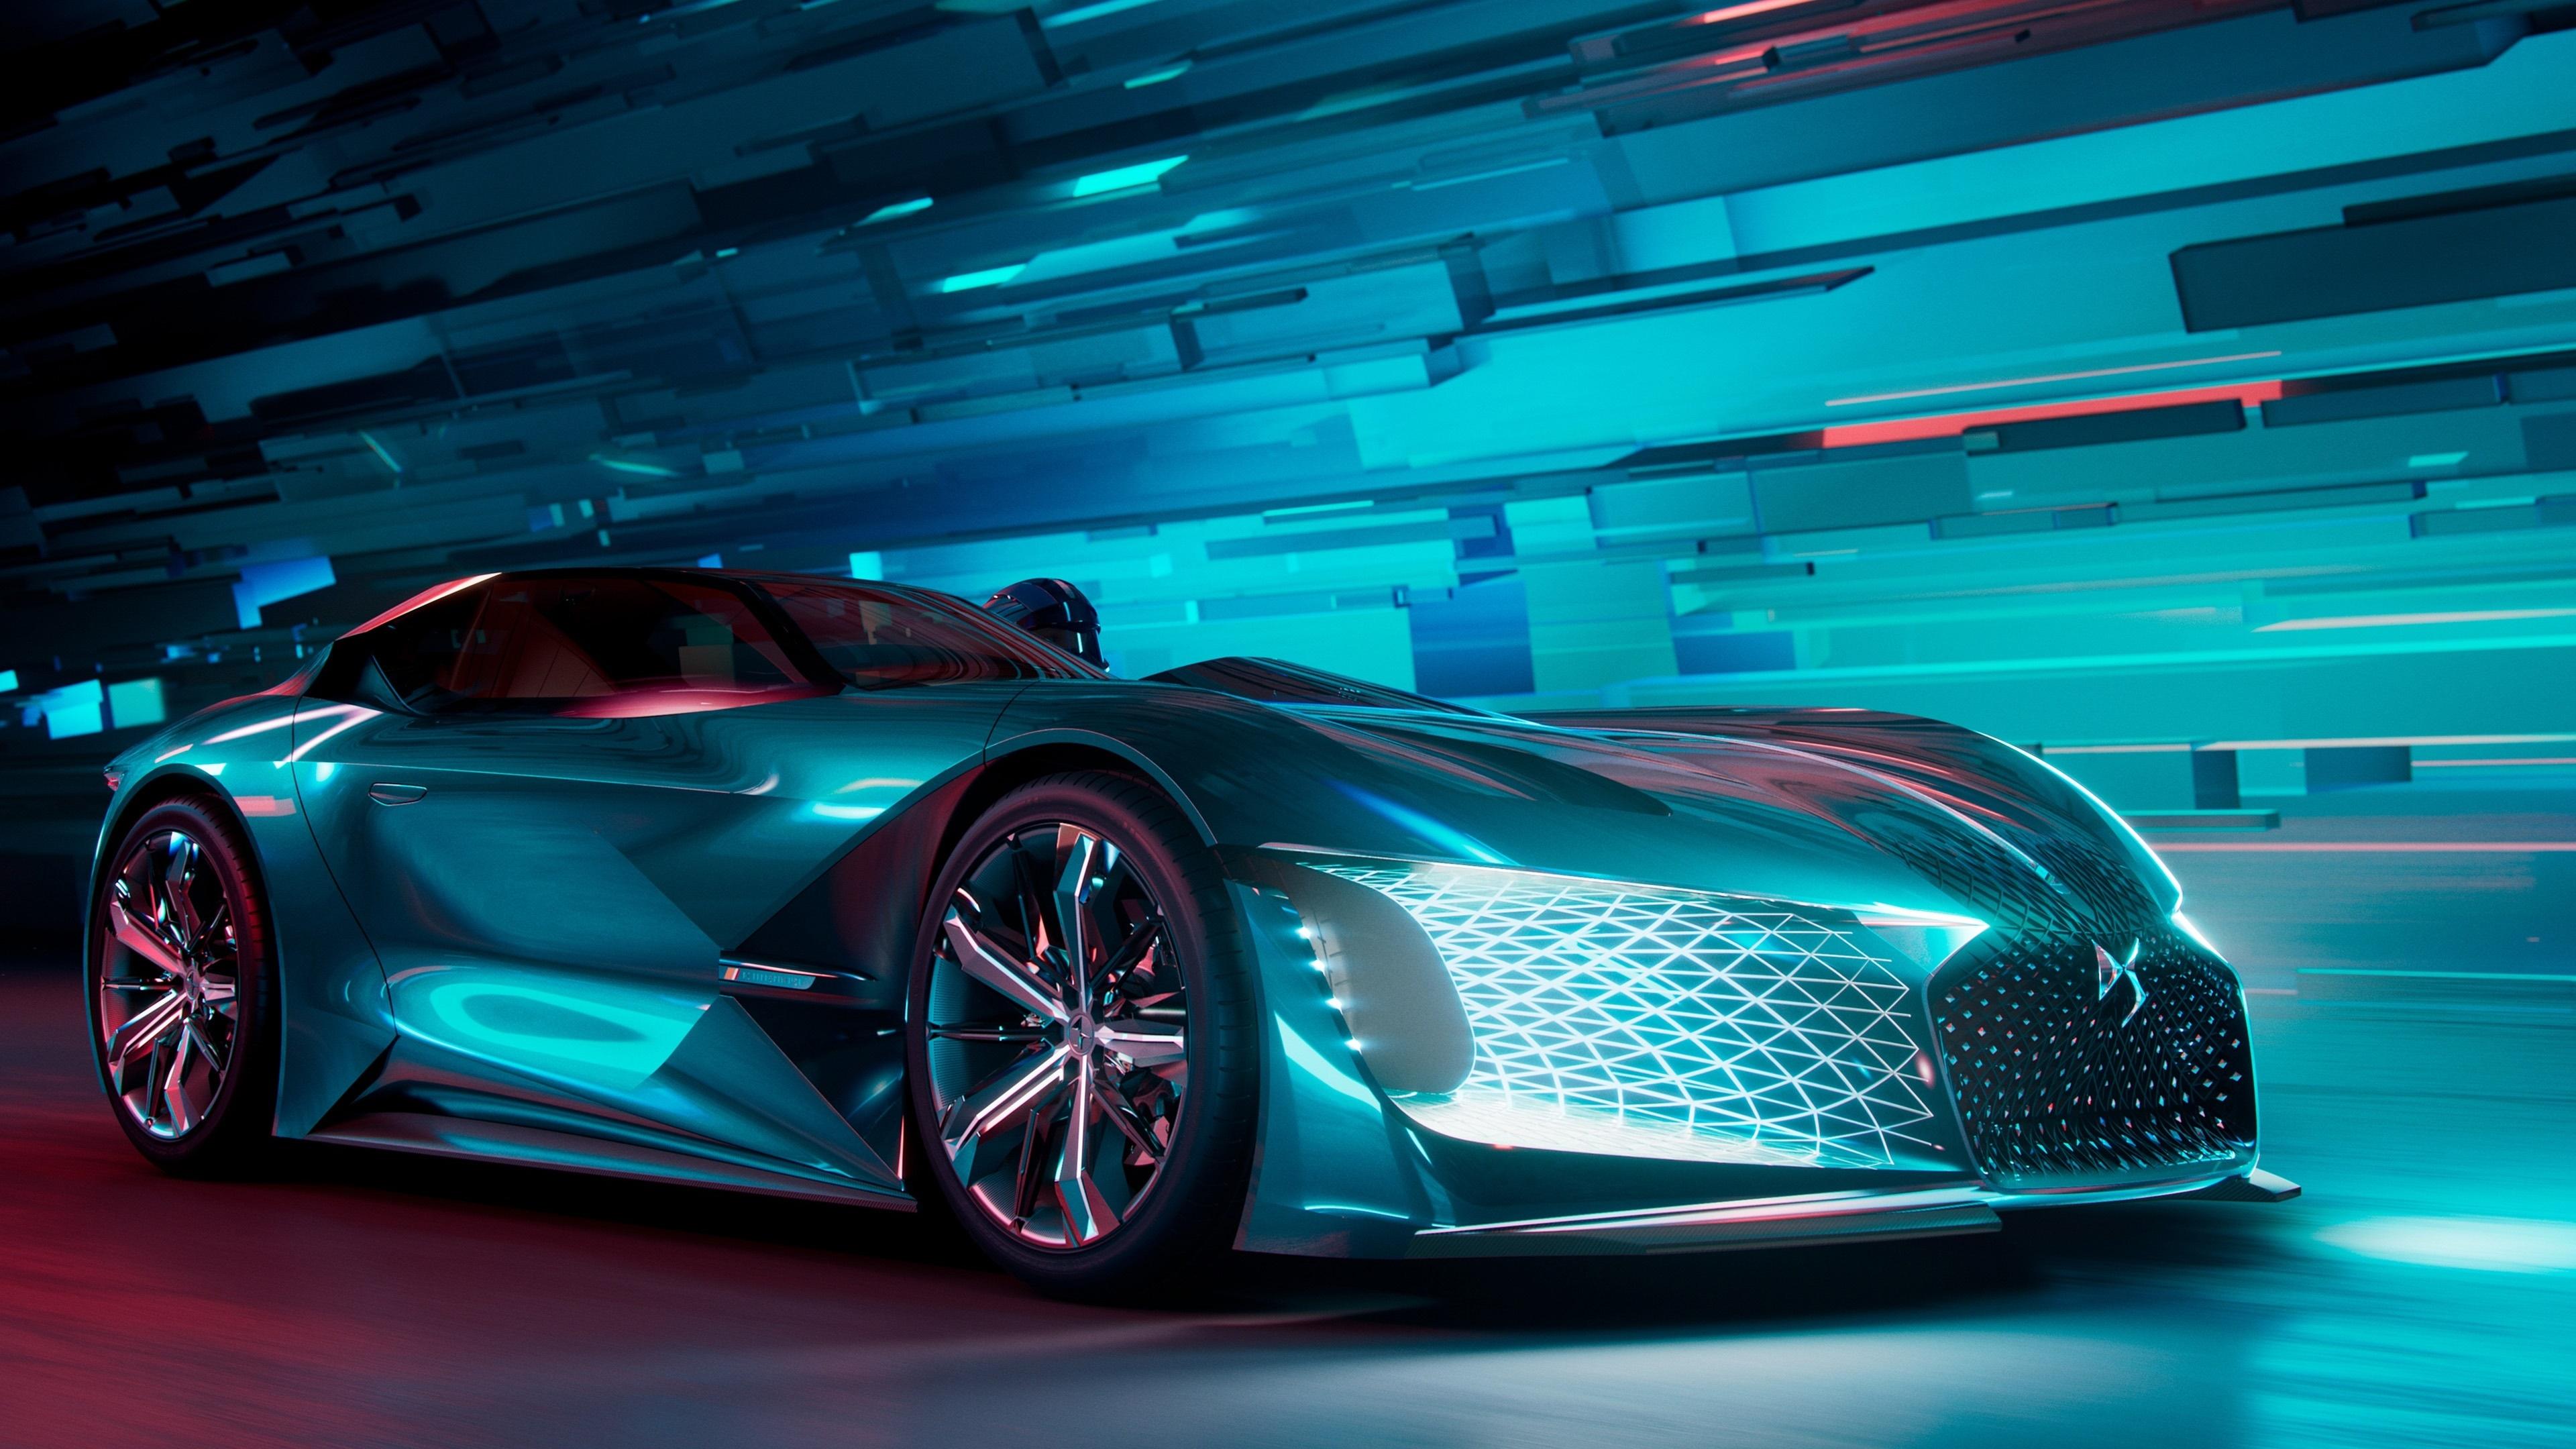 DS X E-Tense Concept Car wallpaper